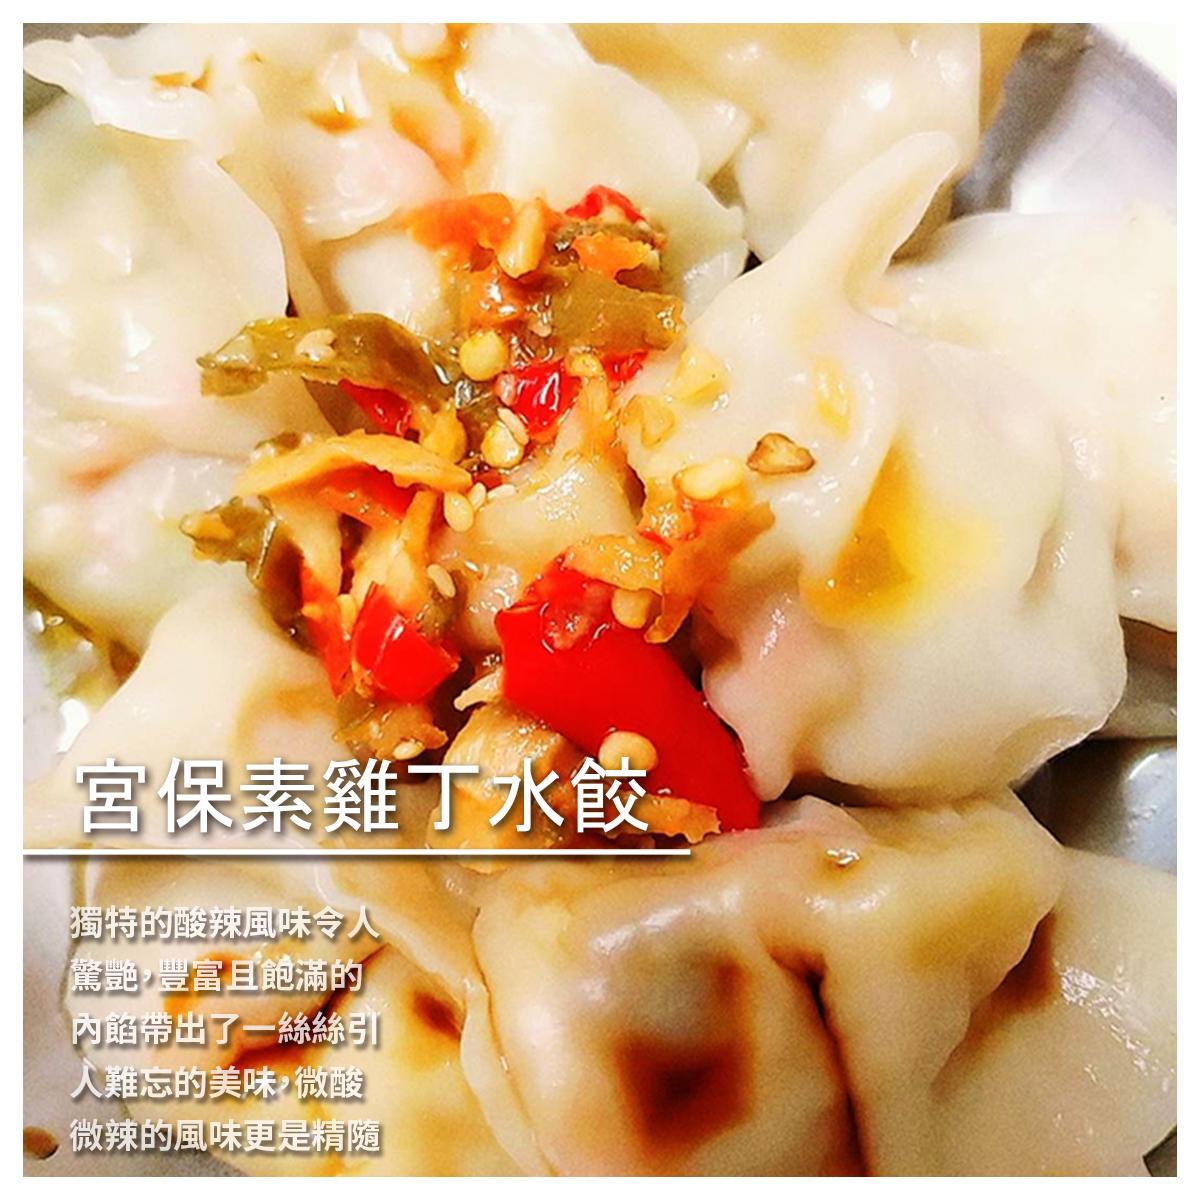 【珠媽媽素食手工水餃餛飩】宮保素雞丁水餃(奶素) 50入/包